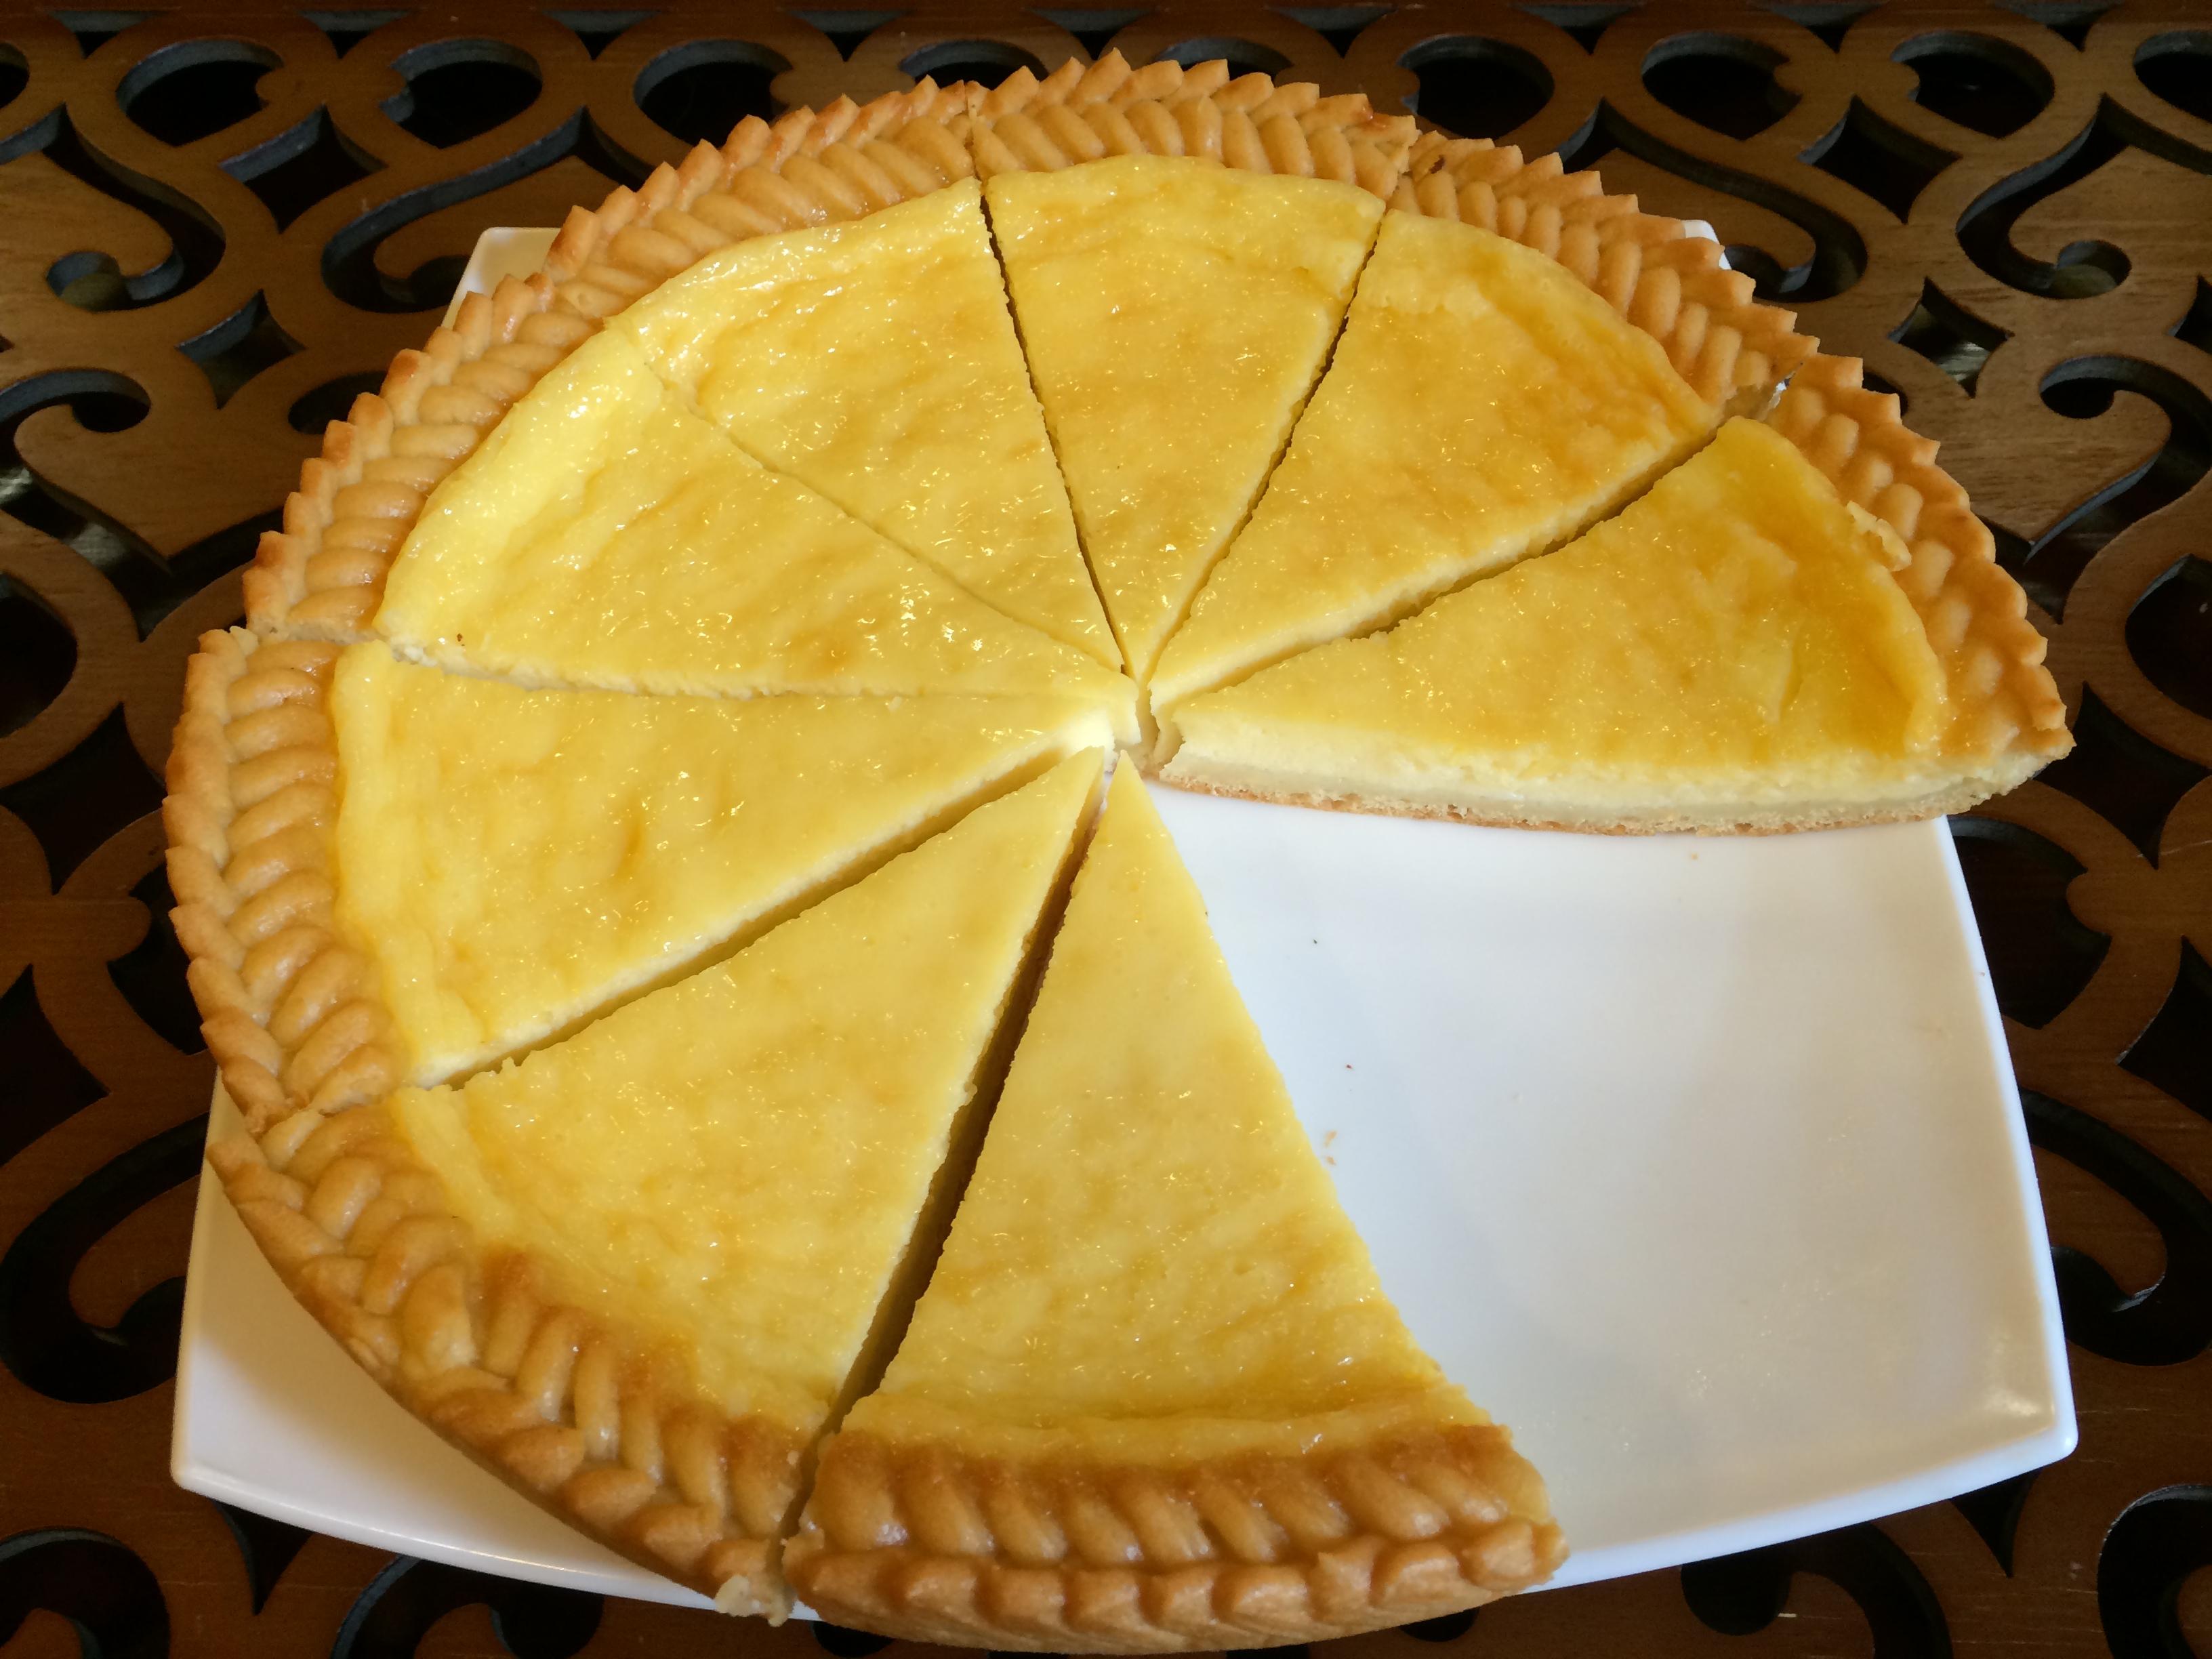 Полученное тесто раскатать в круглый пласт на пару-тройку сантиметров больше формы, уложить его в форму, сформовать бортики, уложить на основание начинку, завернуть бортики внутрь.